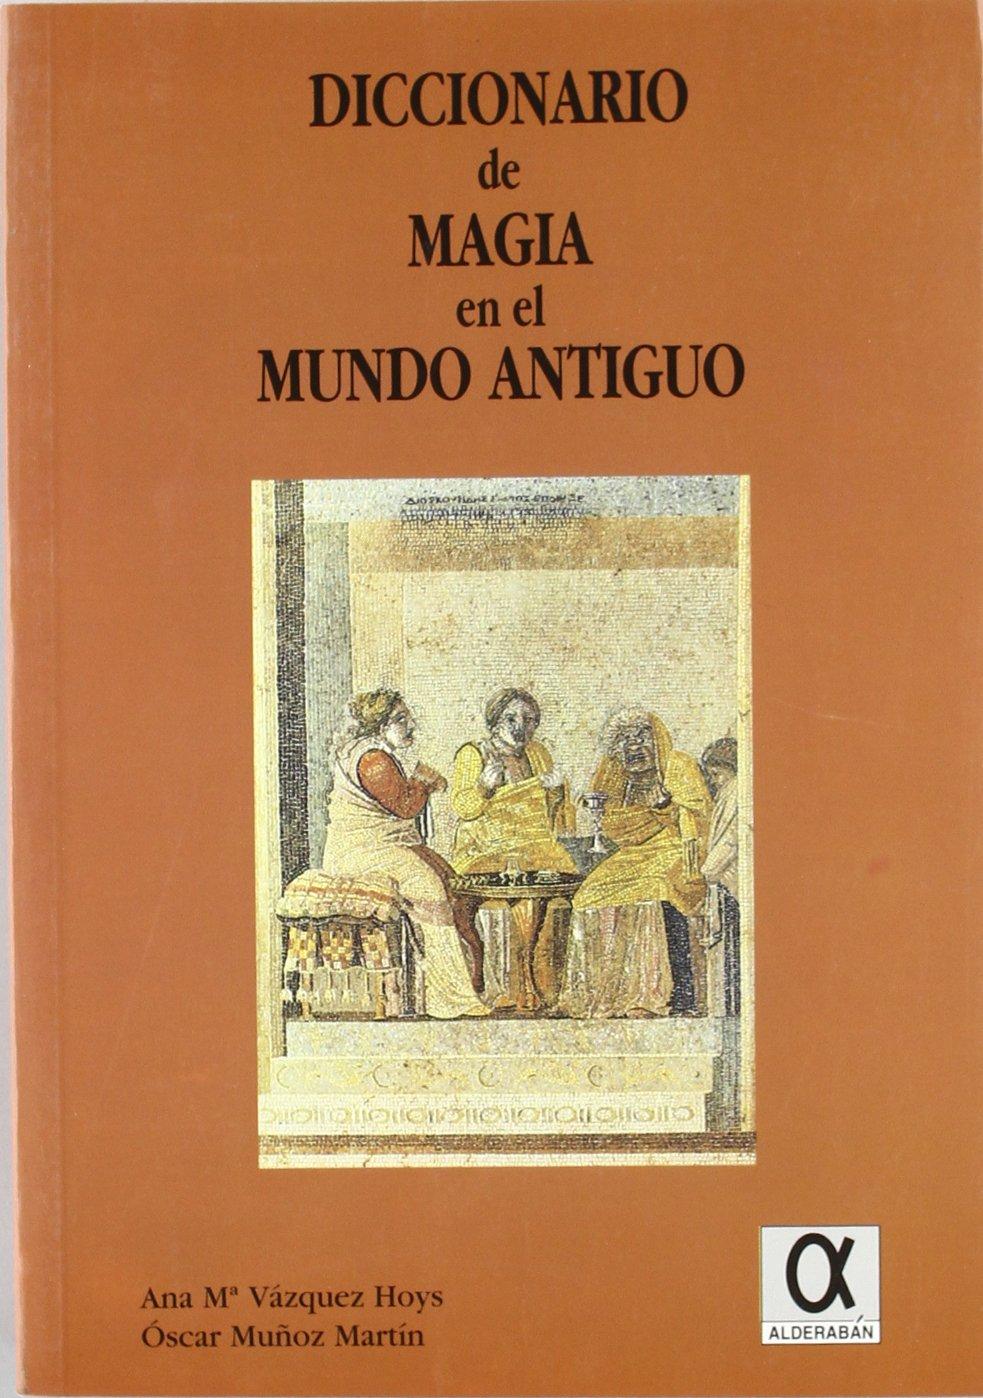 Diccionario de magia en el mundo antiguo: Amazon.es: Ana Mªvazquez Hoys, Oscar Muñoz Martin: Libros